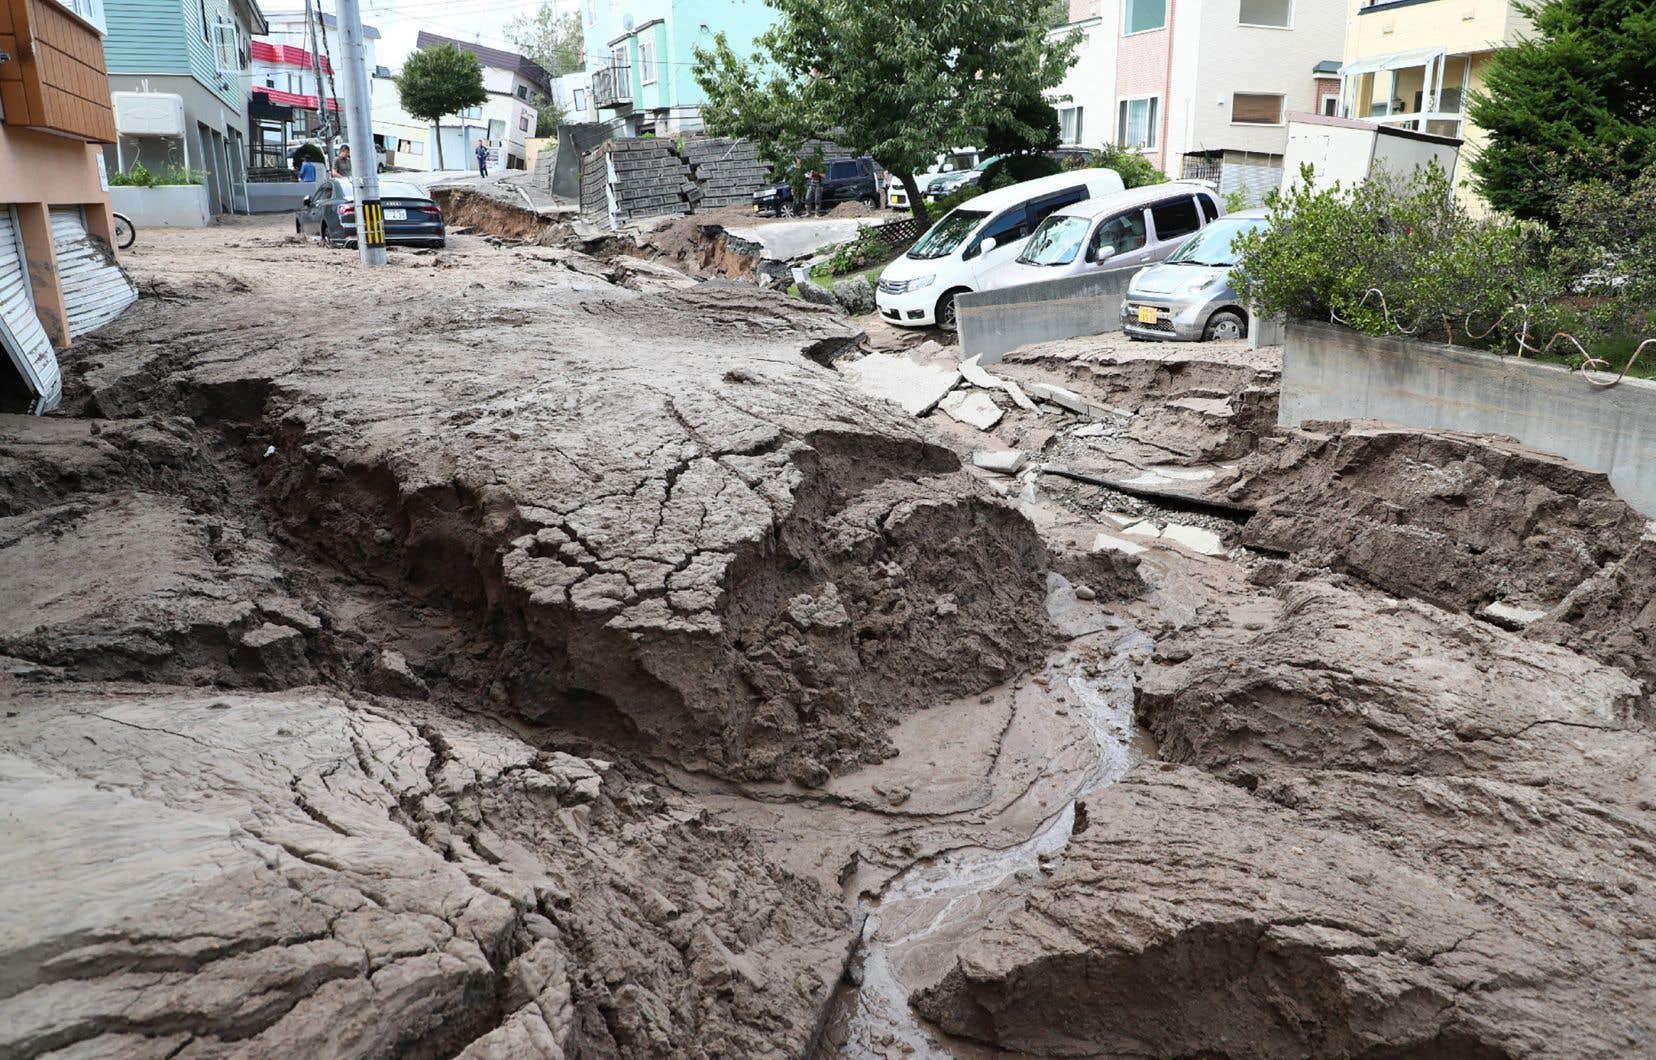 <p>Le tremblement de terre s'est produit en pleine nuit dans l'île de Hokkaido, deux jours à peine après un typhon dévastateur dans la région d'Osaka.</p>